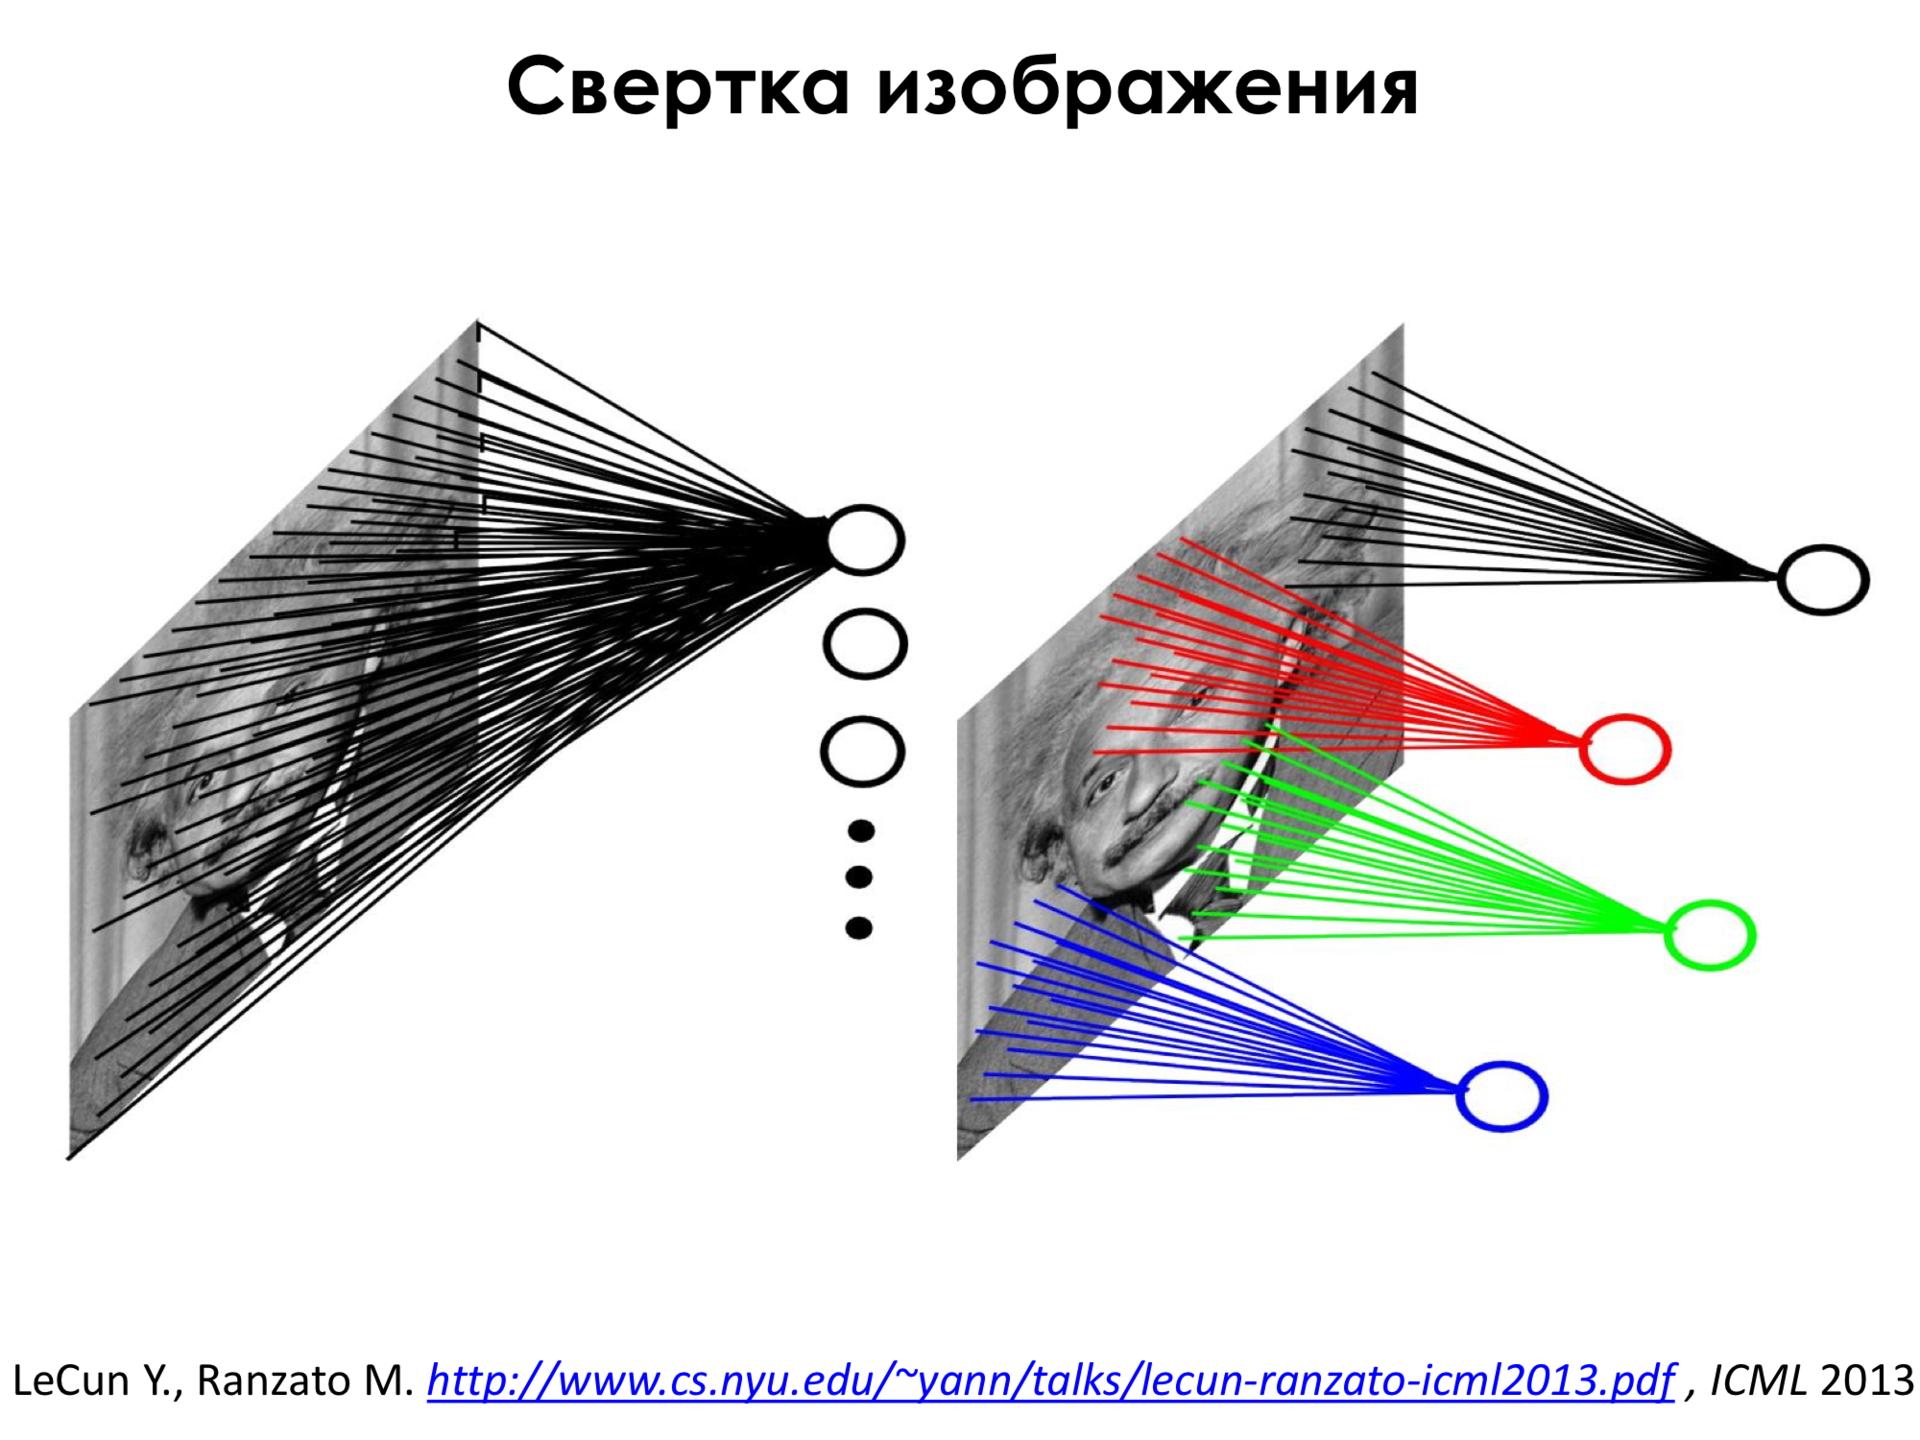 Самое главное о нейронных сетях. Лекция в Яндексе - 15